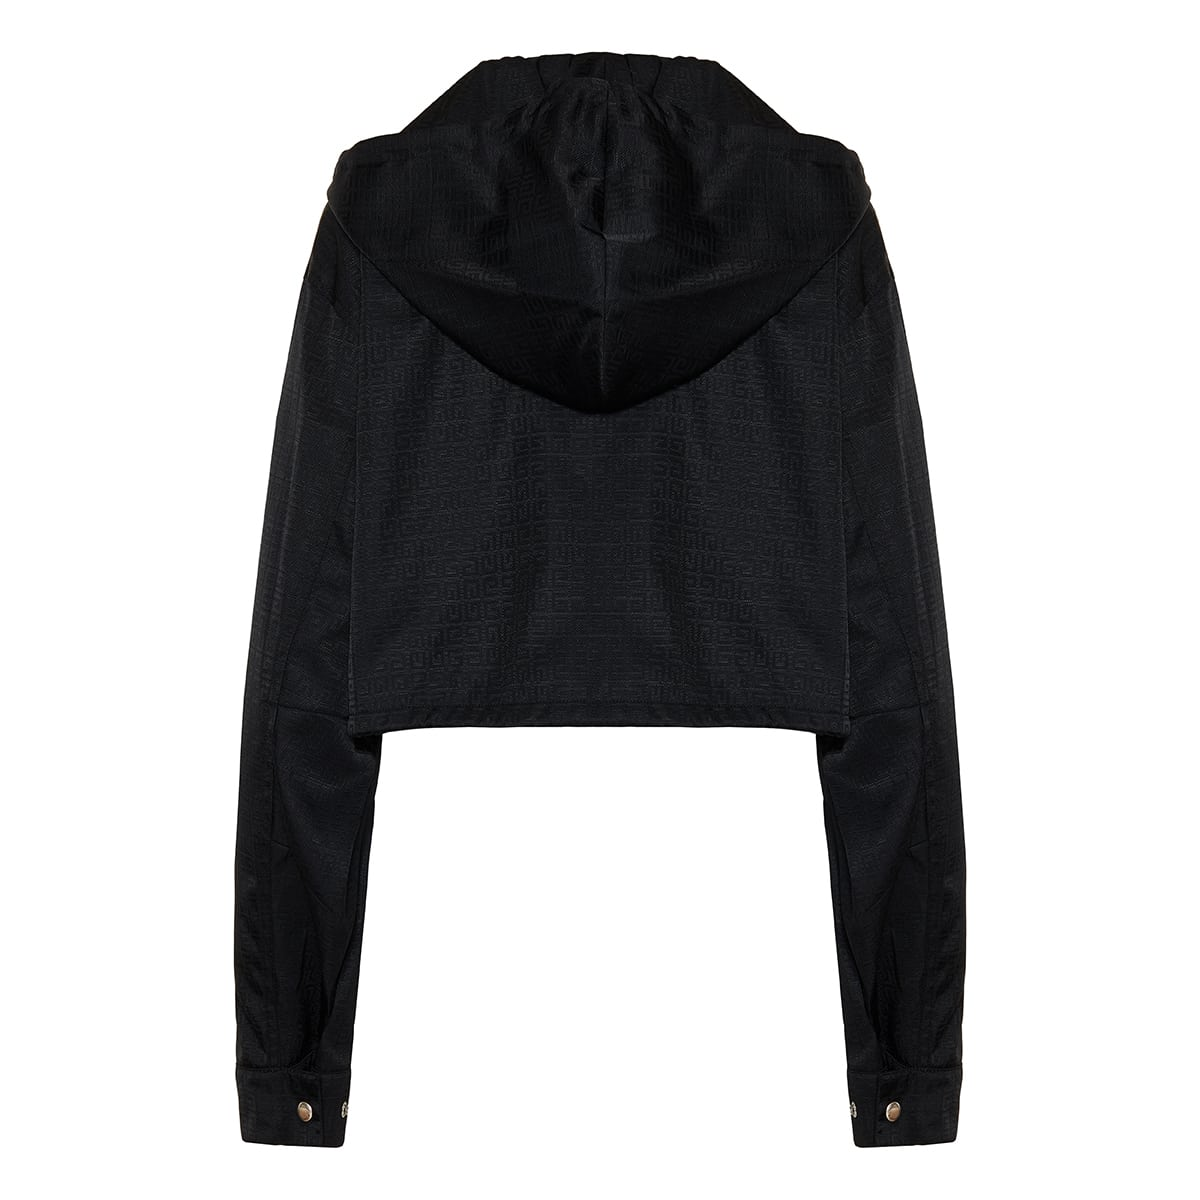 4G cropped jacquard nylon jacket